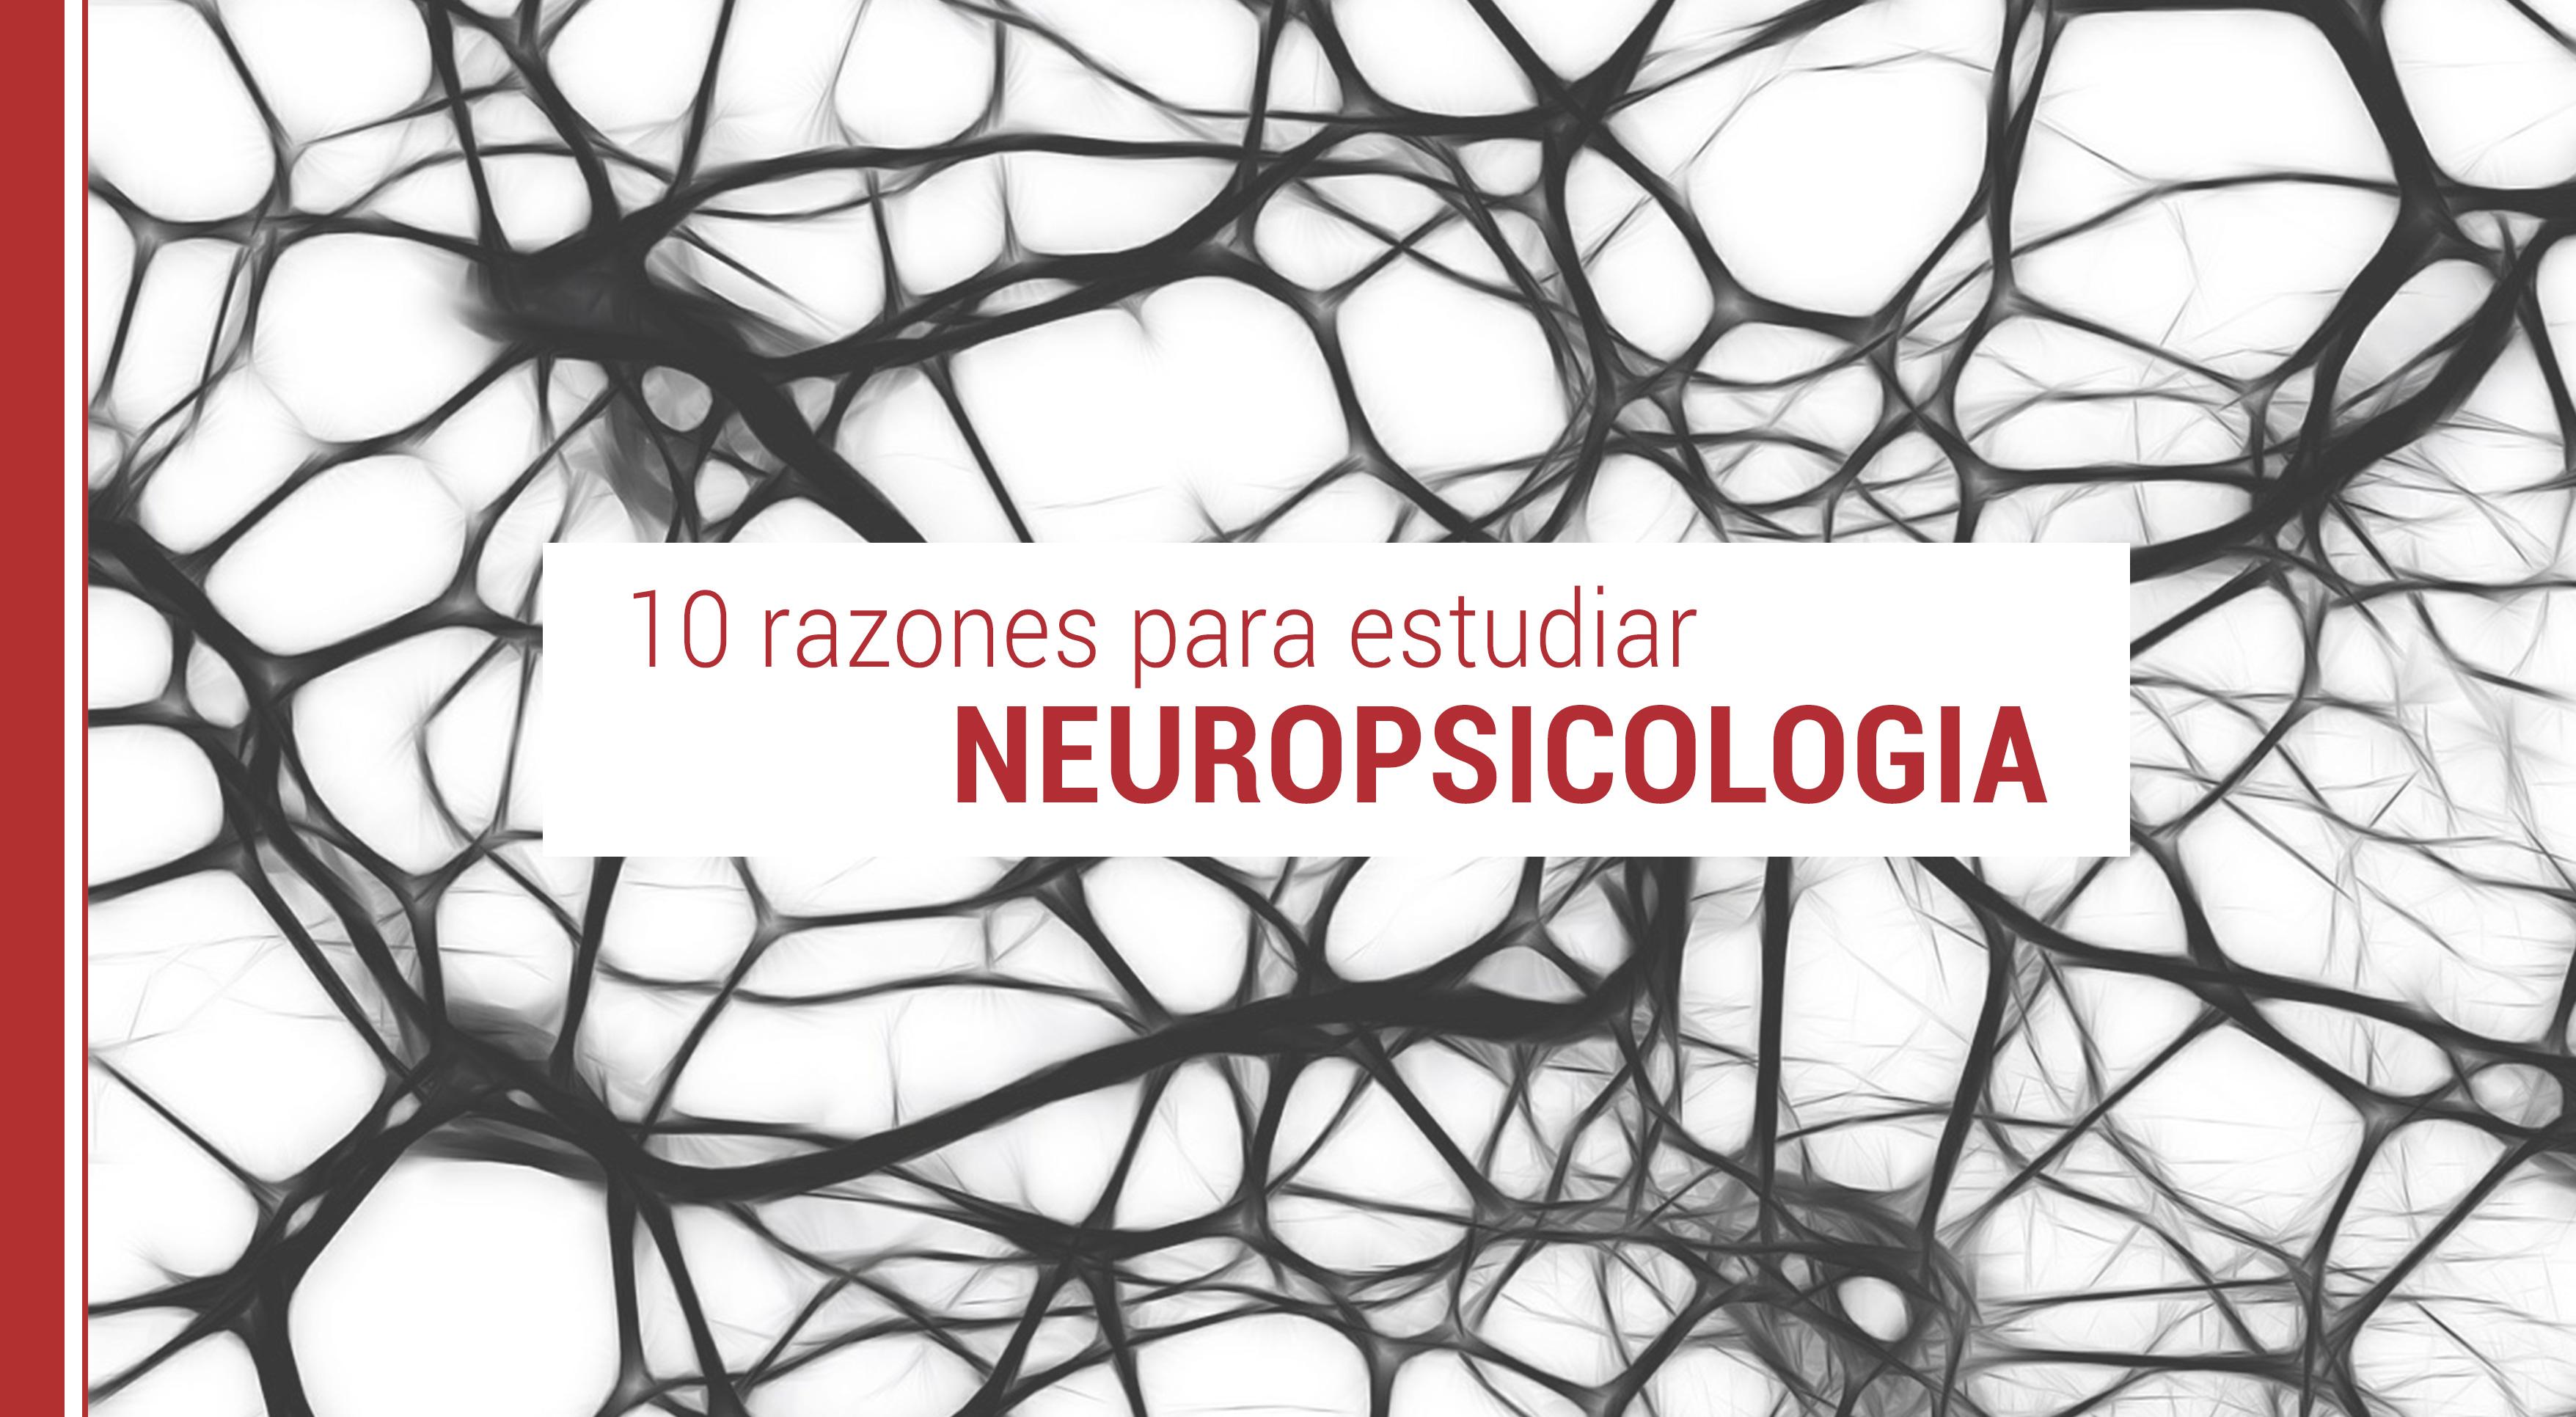 10-razones-estudiar-neuropsicologia 10 razones para estudiar neuropsicología